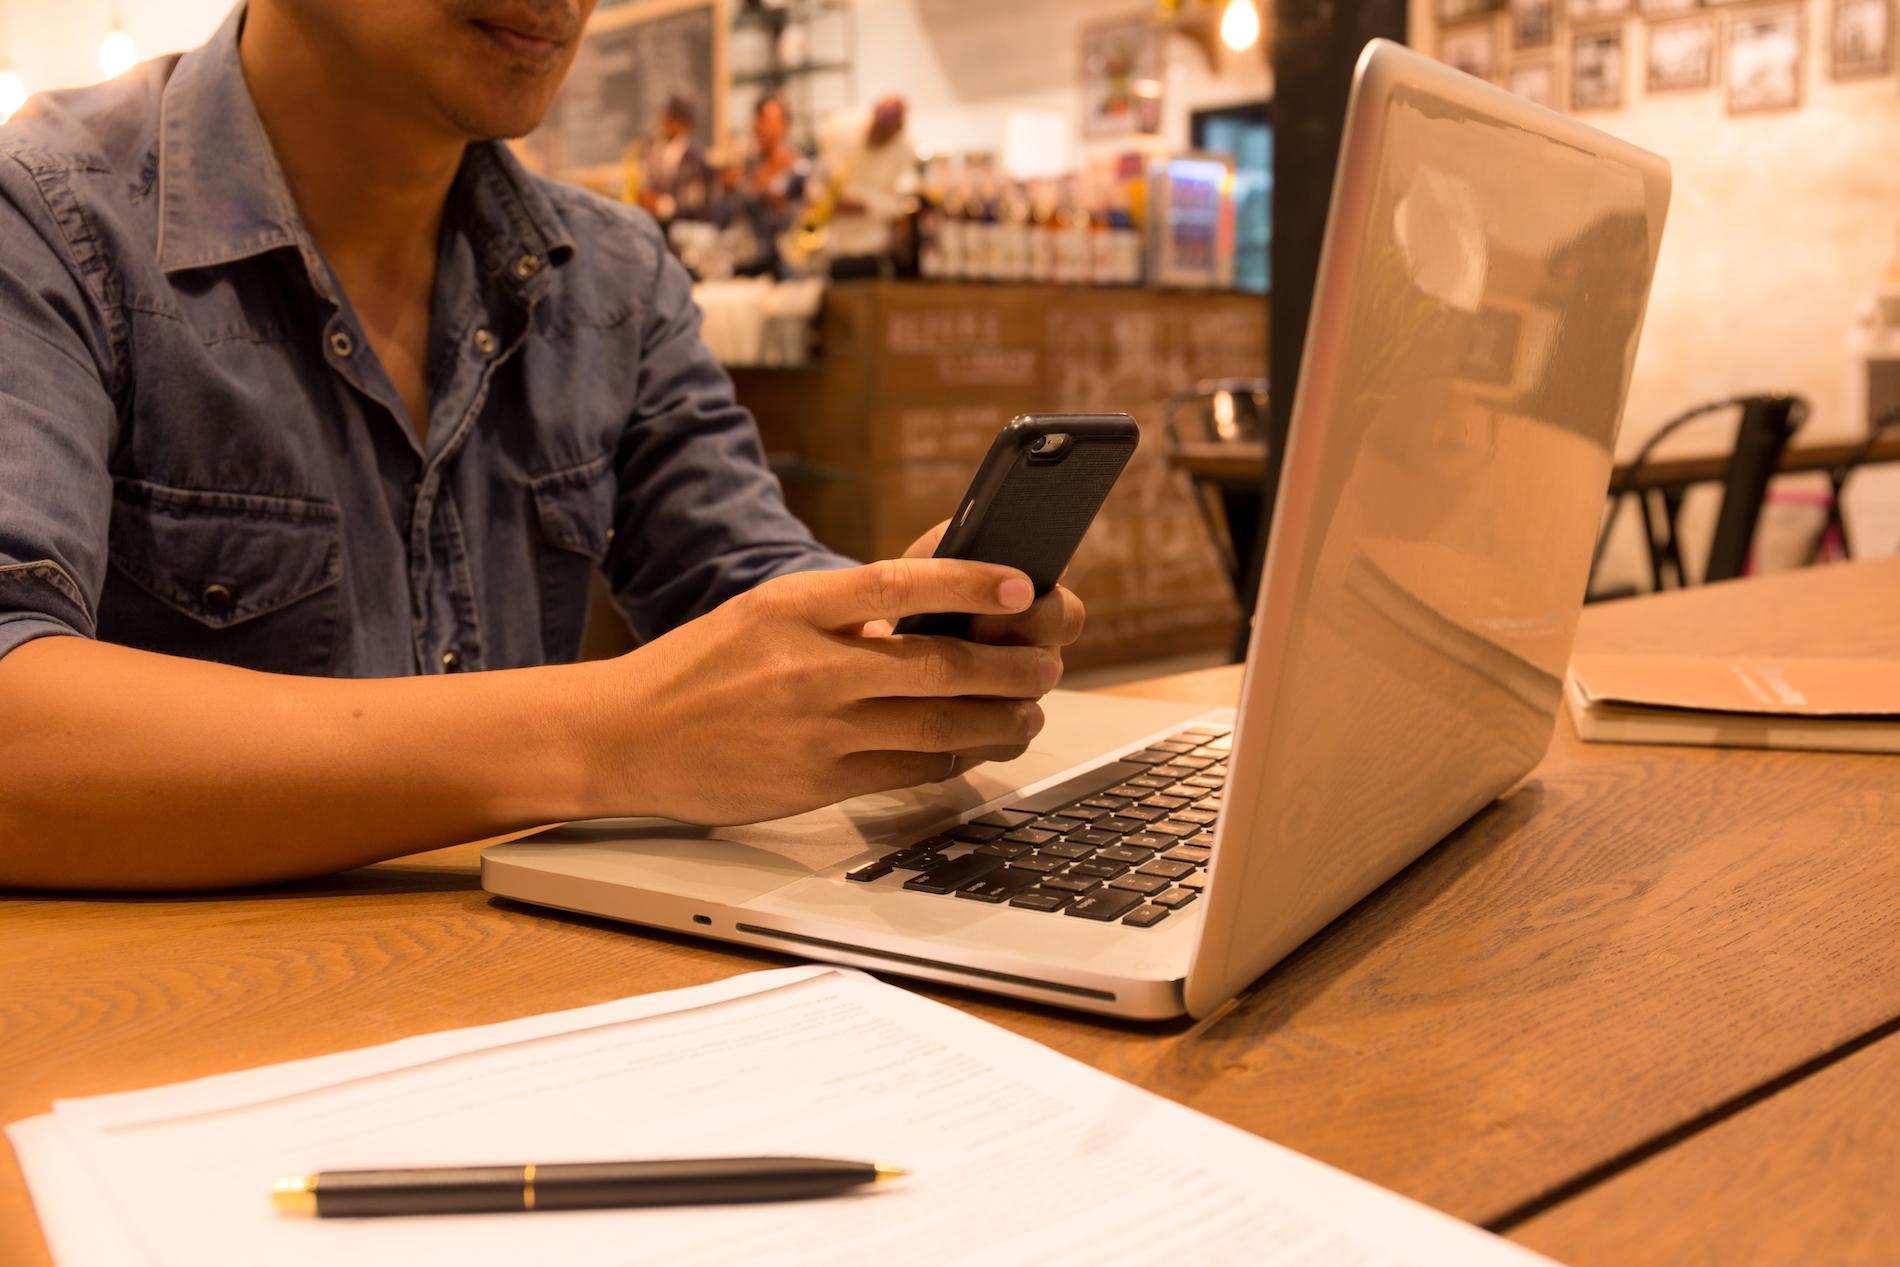 Bouw jouw eigen webshop in enkele simpele stappen